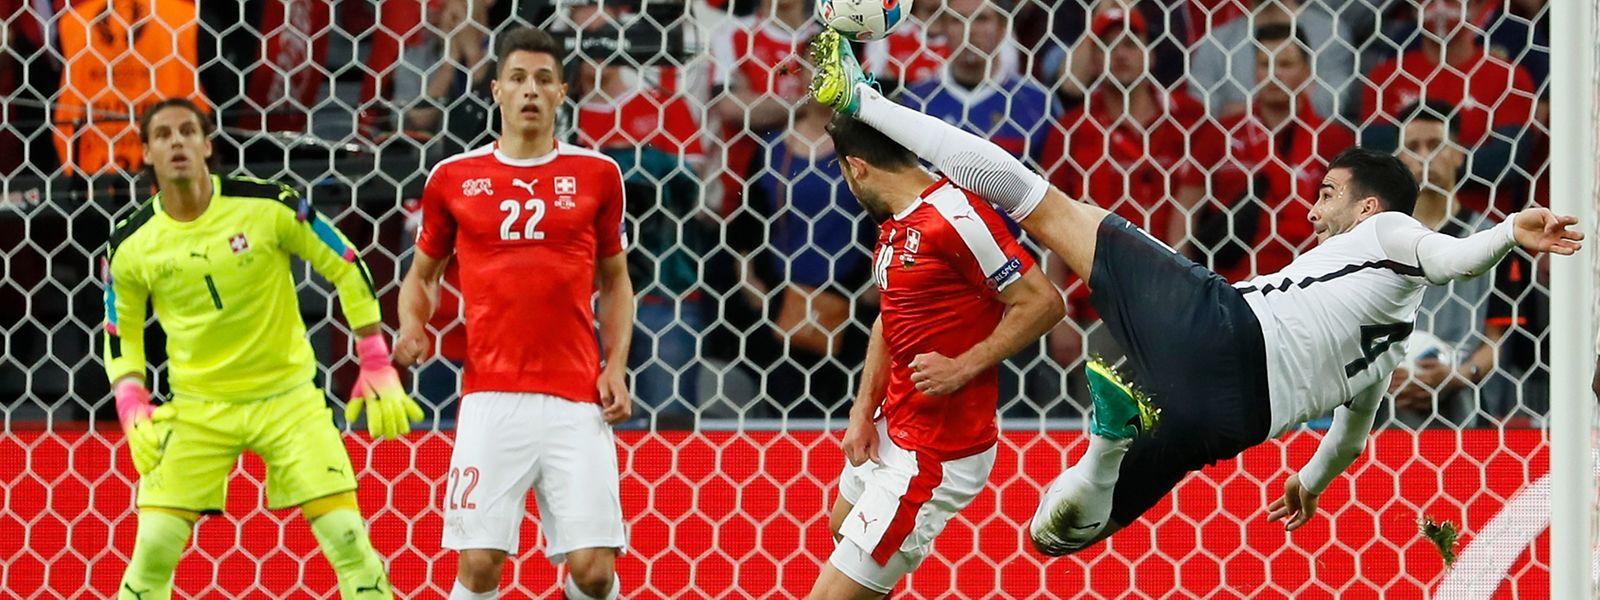 Der Franzose Adil Rami (r.) sah für diese Aktion gegen den Schweizer Admir Mehmedi Gelb.